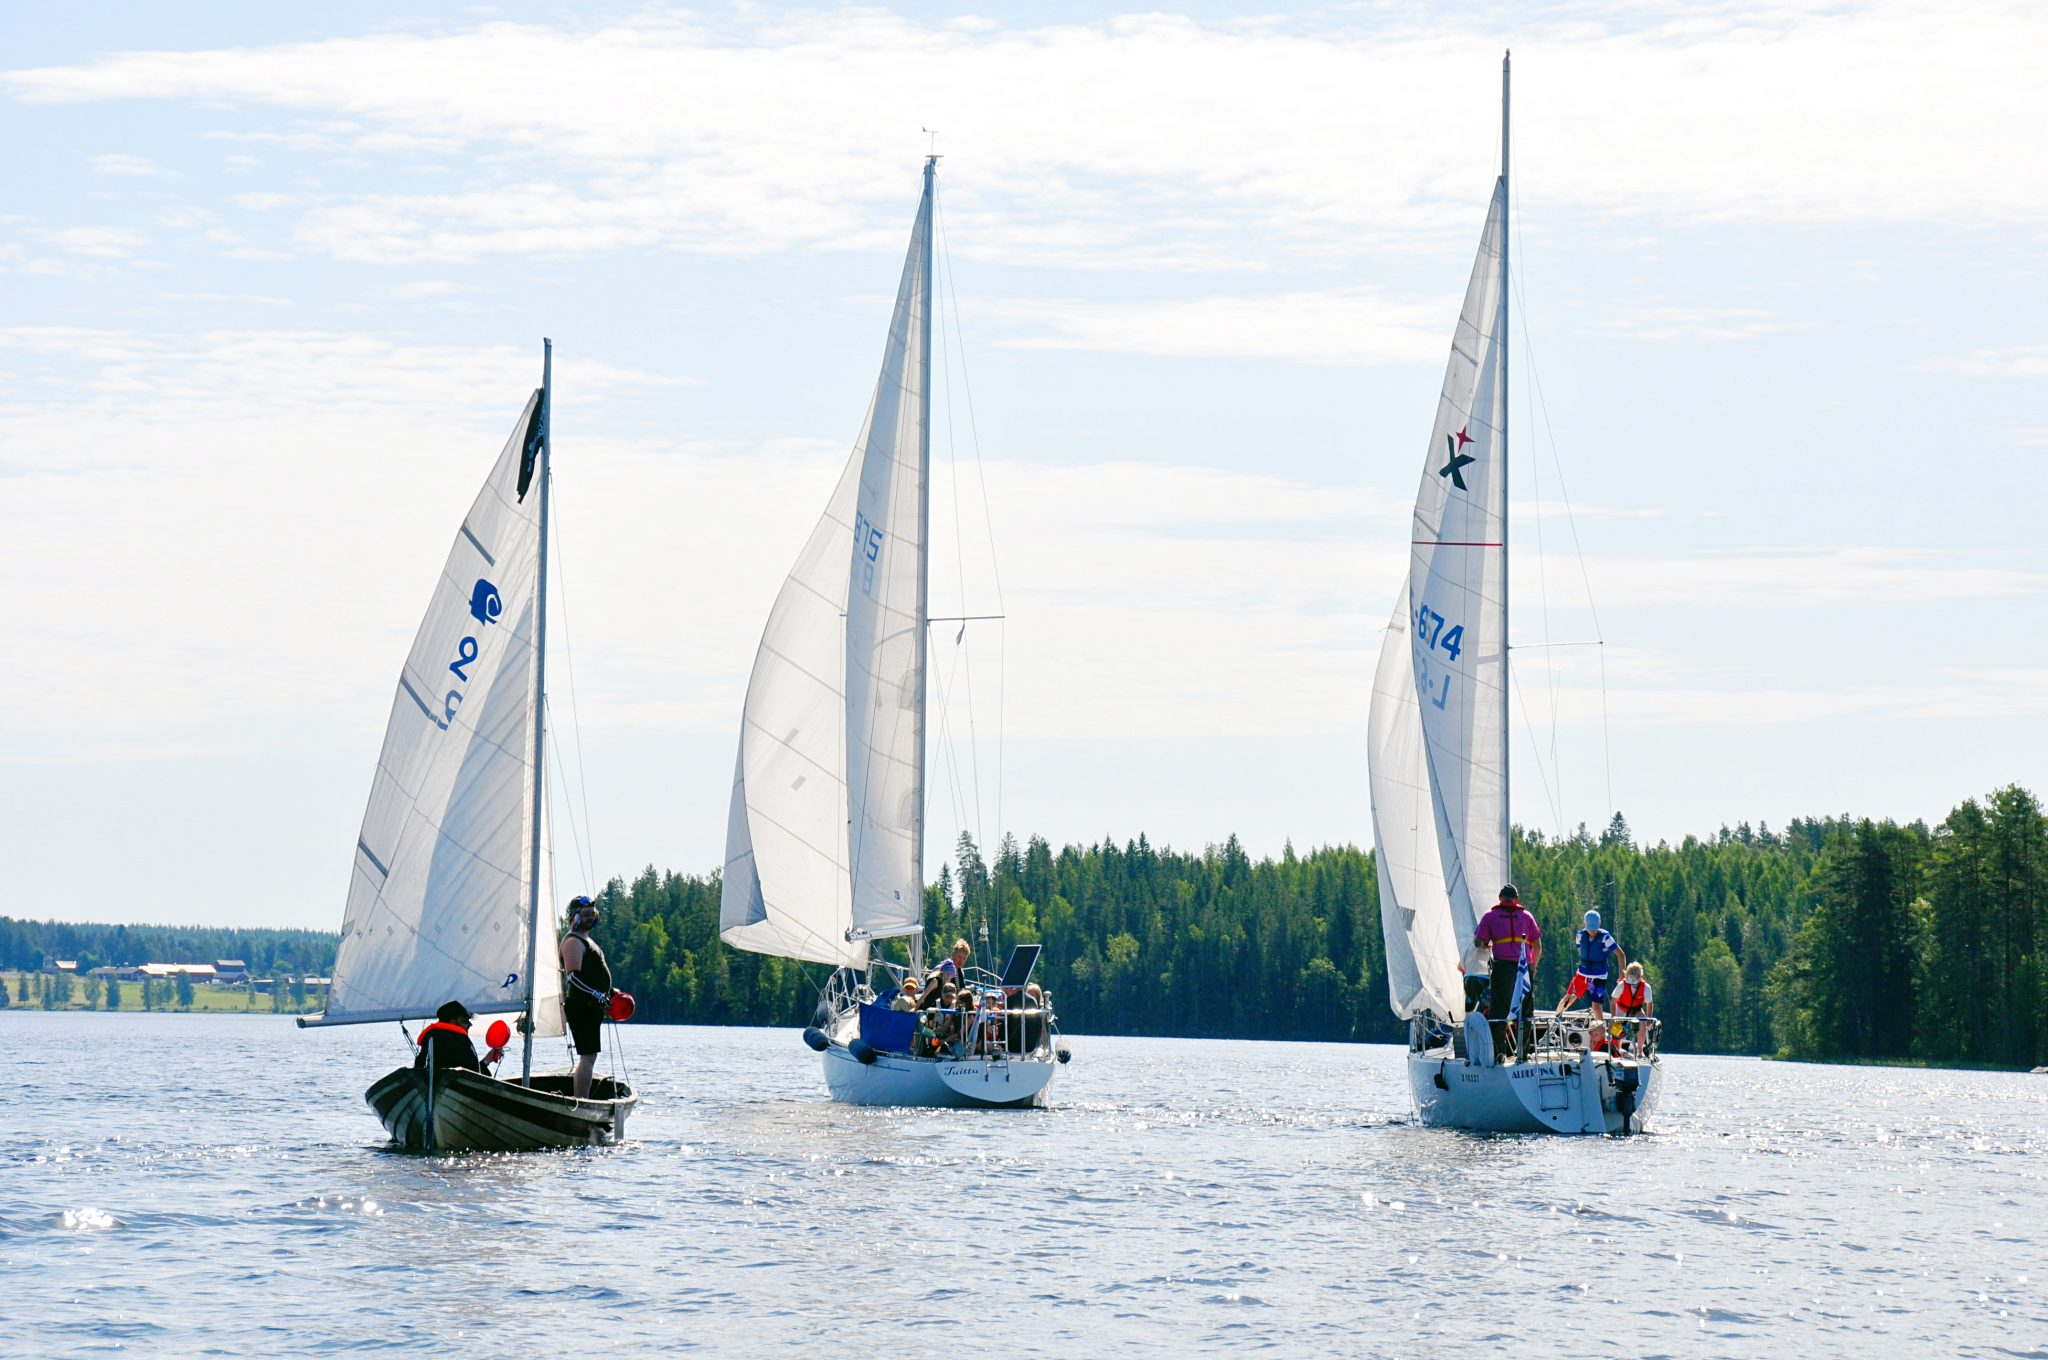 purjehduskurssi Tampere järjestetään vuosittain